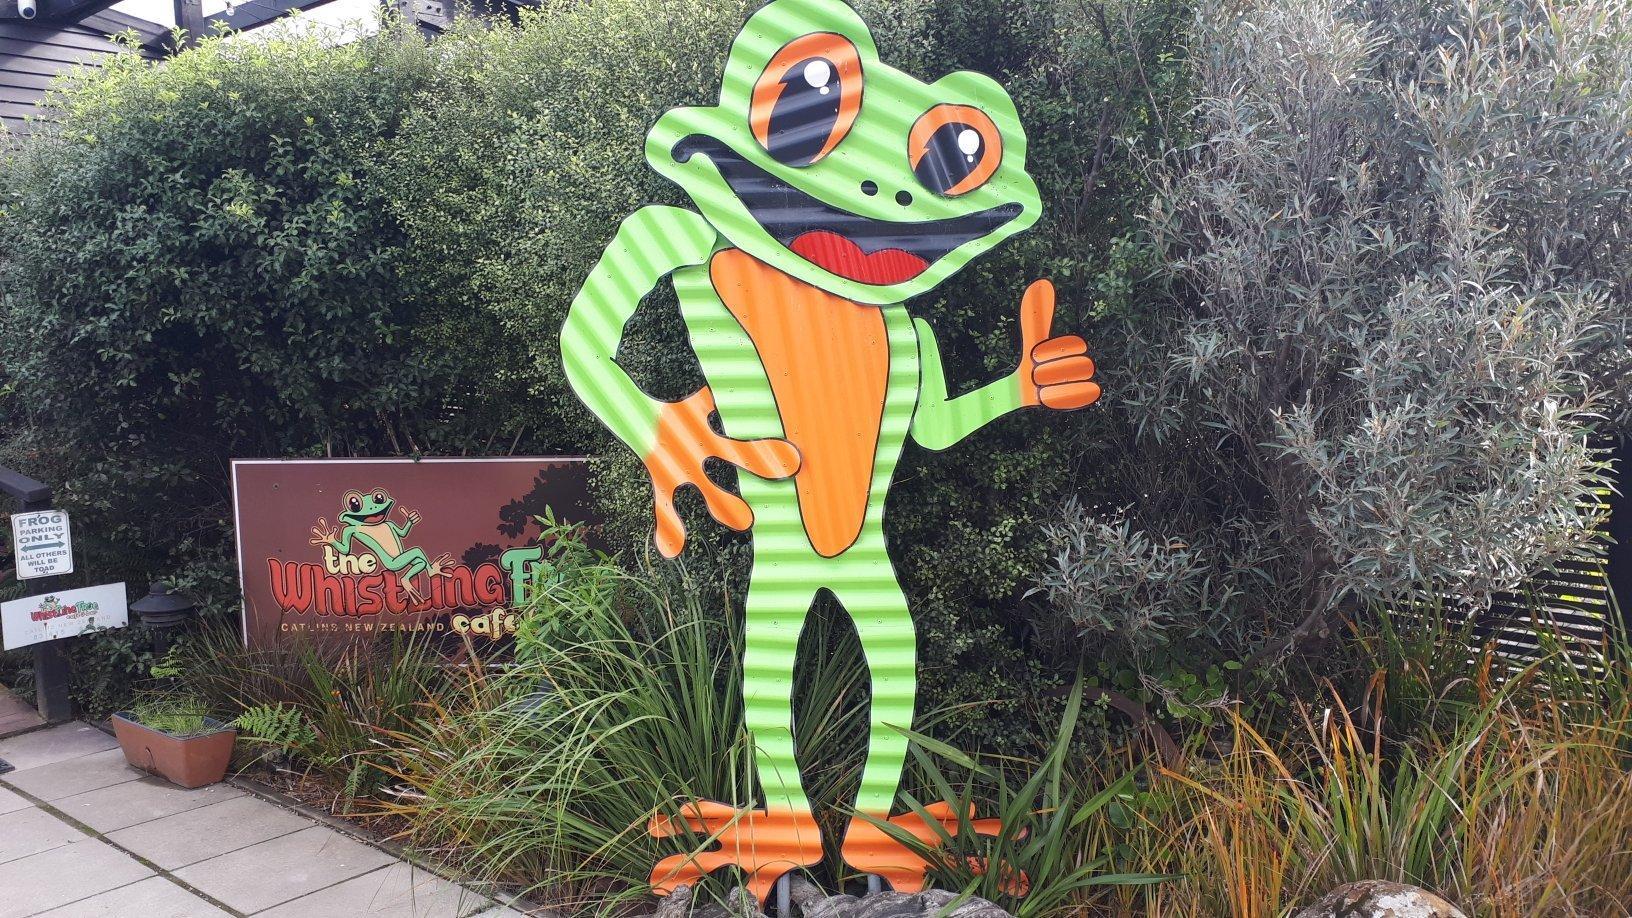 Whistling Frog Cafe & Bar